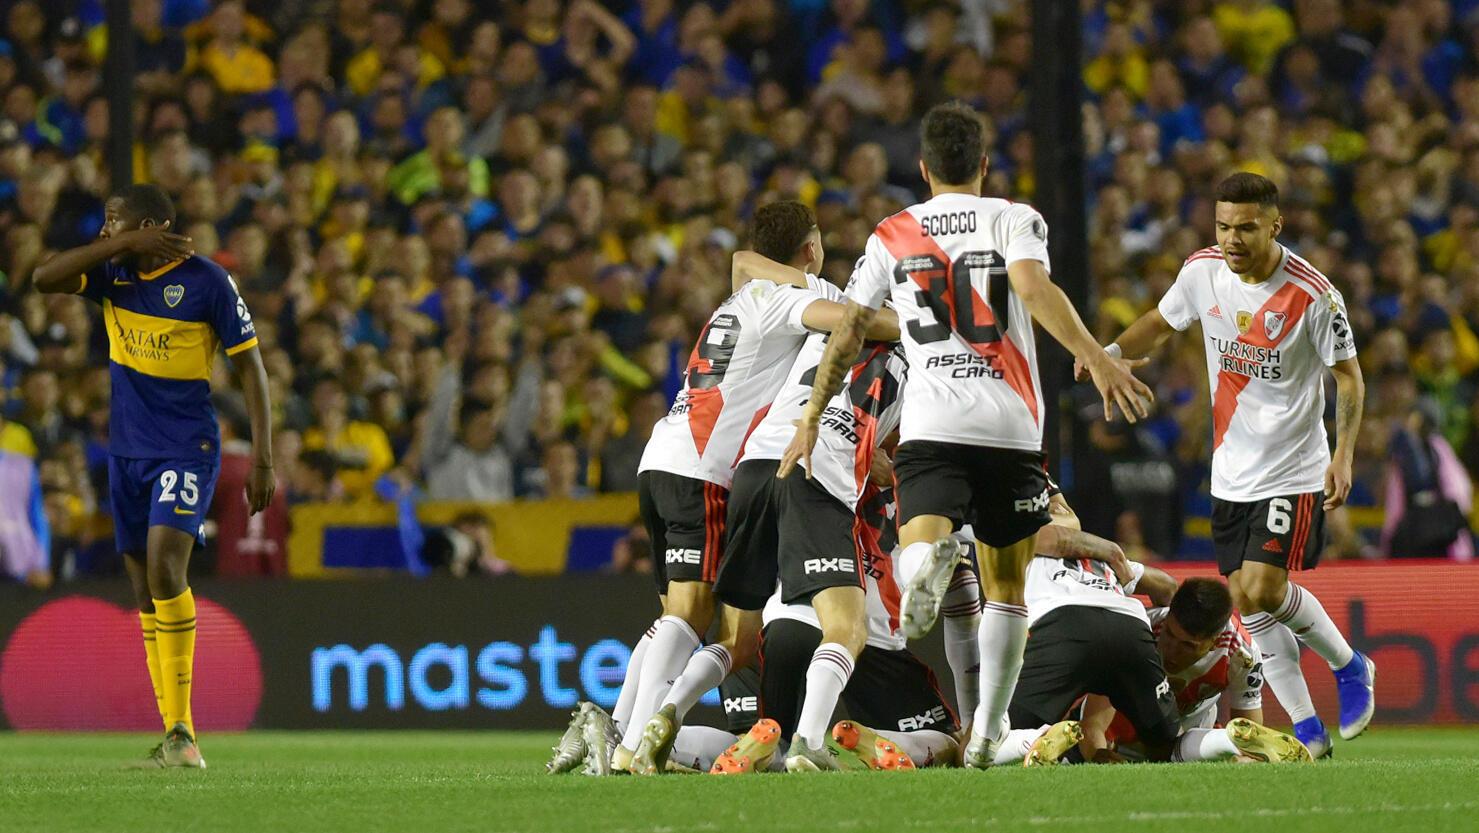 Las dos caras de la moneda: los jugadores de River Plate festejan la clasificación a la final de la Copa Libertadores y el jugador venezolano de Boca Juniors, Jan Hurtado, se lamenta tras el partido en La Bombonera, en Buenos Aires, el 22 de octubre de 2019.